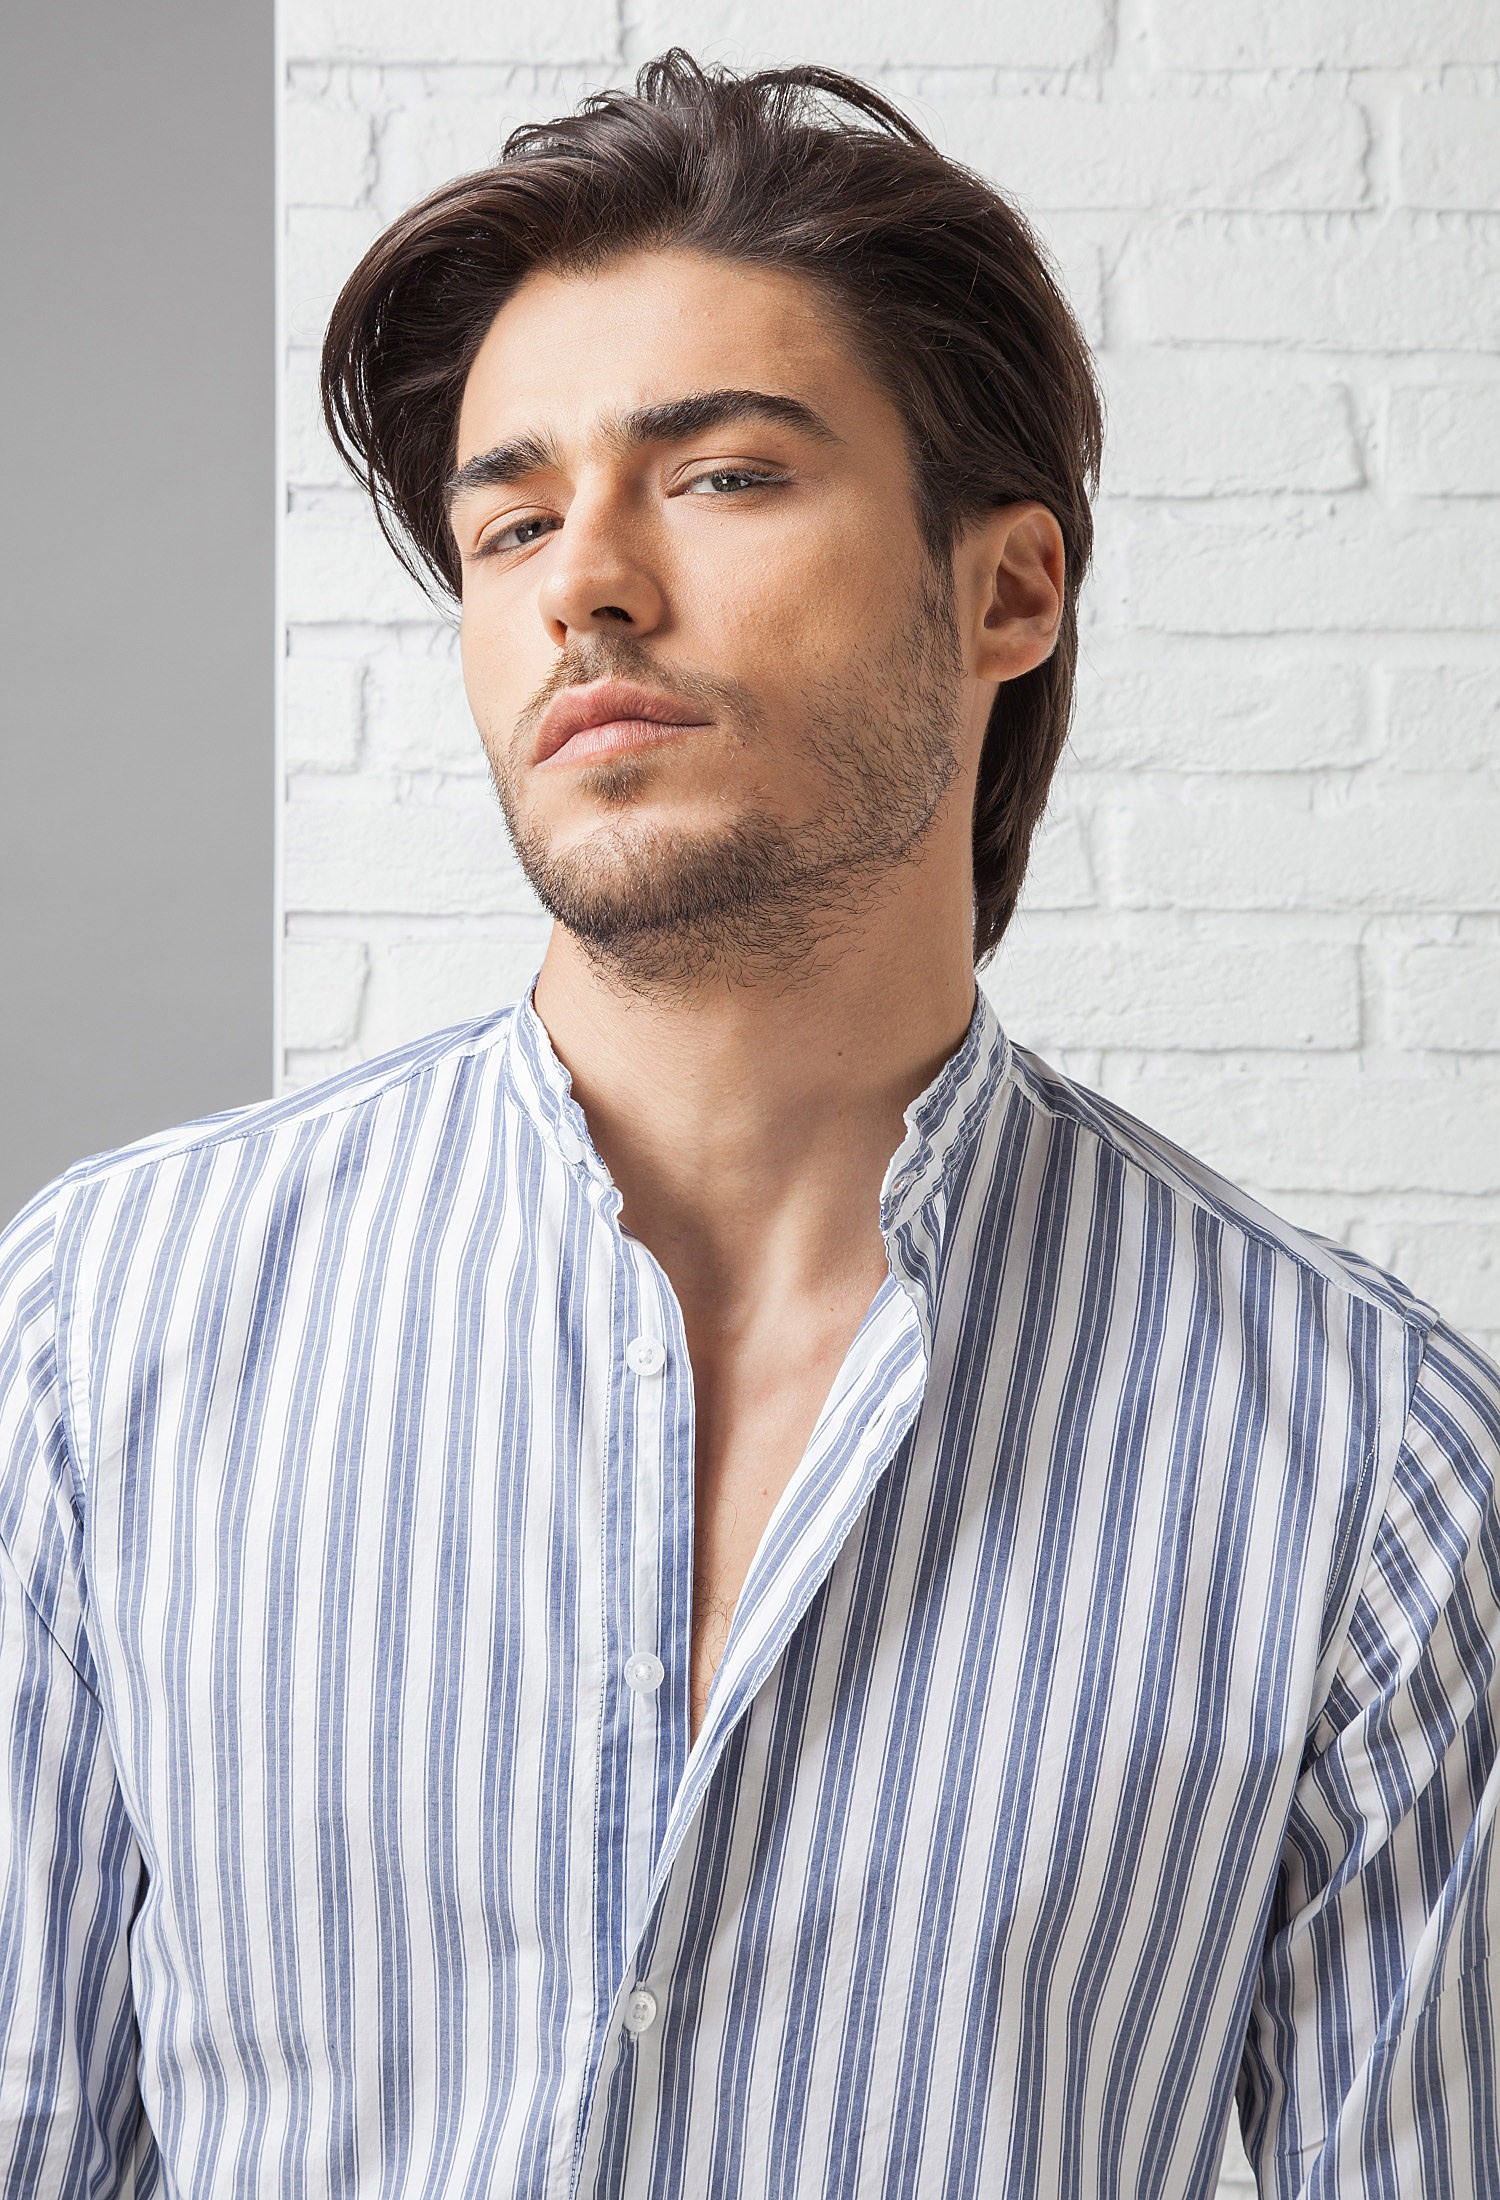 immagini ufficiali sconto più votato vendita online Camicia uomo in Cotone C657_CW Fradi - 55 - BIANCO/BLUE